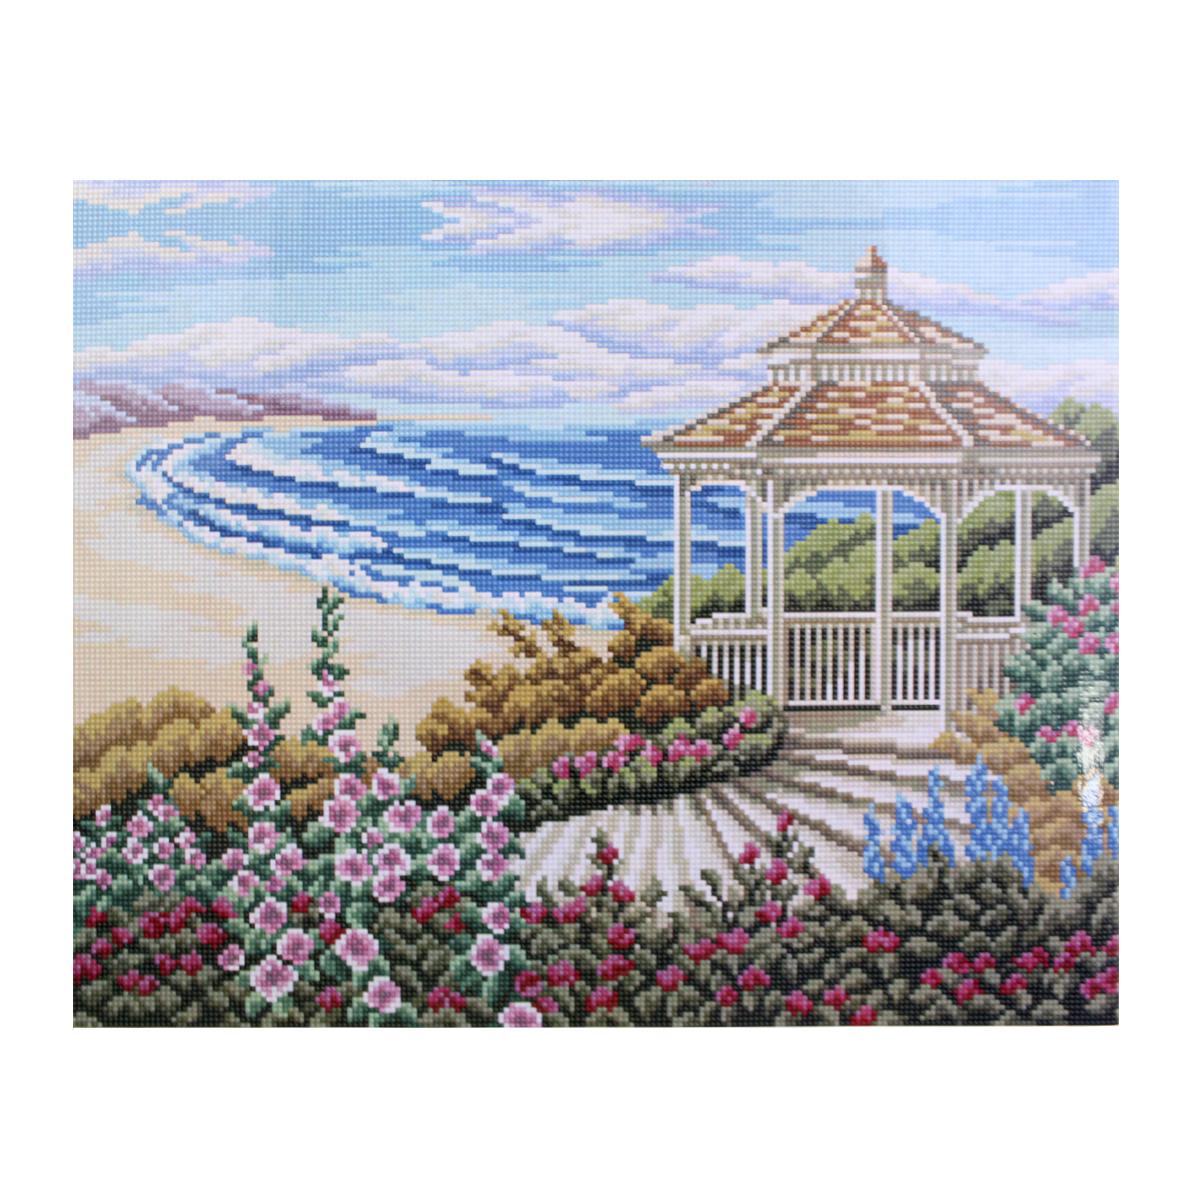 Алмазная мозаика Cristal, на деревянном подрамнике, 40 х 50 см. 77130277713027/GZ018Набор для творчества Cristal поможет вам создать свой личный шедевр - красивую картину, выполненную в мозаичной технике. Выложите прекрасную картину из множества маленьких цветных камушков. С помощью пинцета камушки размещаются на холсте, в результате проявляется рисунок. Постепенно заполняя ряд за рядом, вы создадите чудесное переливающееся изображение. Каждый камушек выполнен из прочного материала. Работа, выполненная своими руками, станет отличным подарком для друзей и близких! В набор входит: - Основа картины с нанесенной схемой на деревянной раме; - Ключи к схеме; - Комплект искусственных камней (34 цвета); - Желеобразный клей; - Пинцет; - Прозрачный клей; - Пластиковая ручка; - Пластмассовый лоток для камней; - Металлические крепления для готовой работы. Диаметр камушка: 2,5 мм. Размер готового изделия: 40 х 50 см.